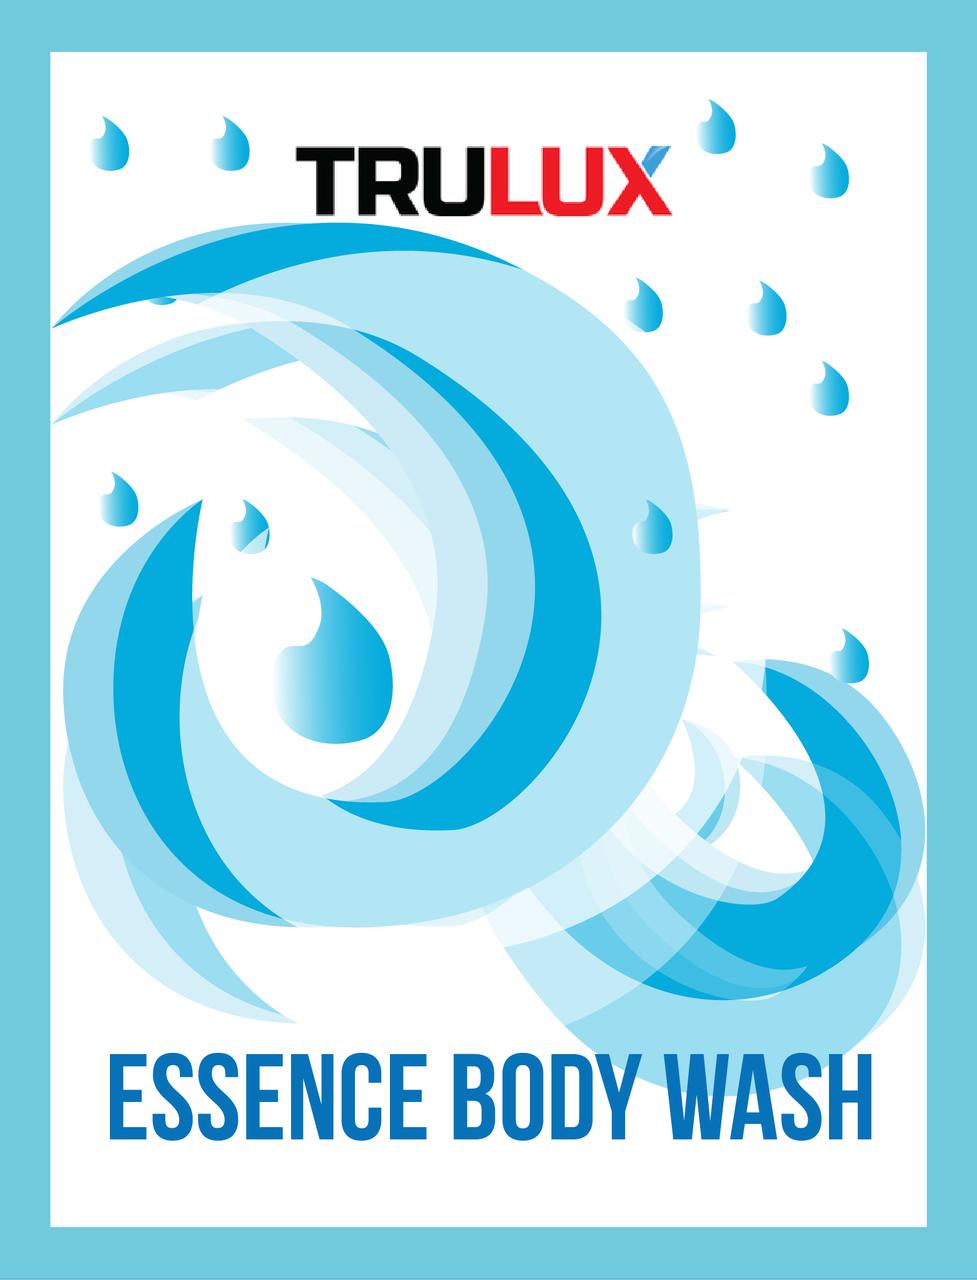 ESSENCE BODY WASH